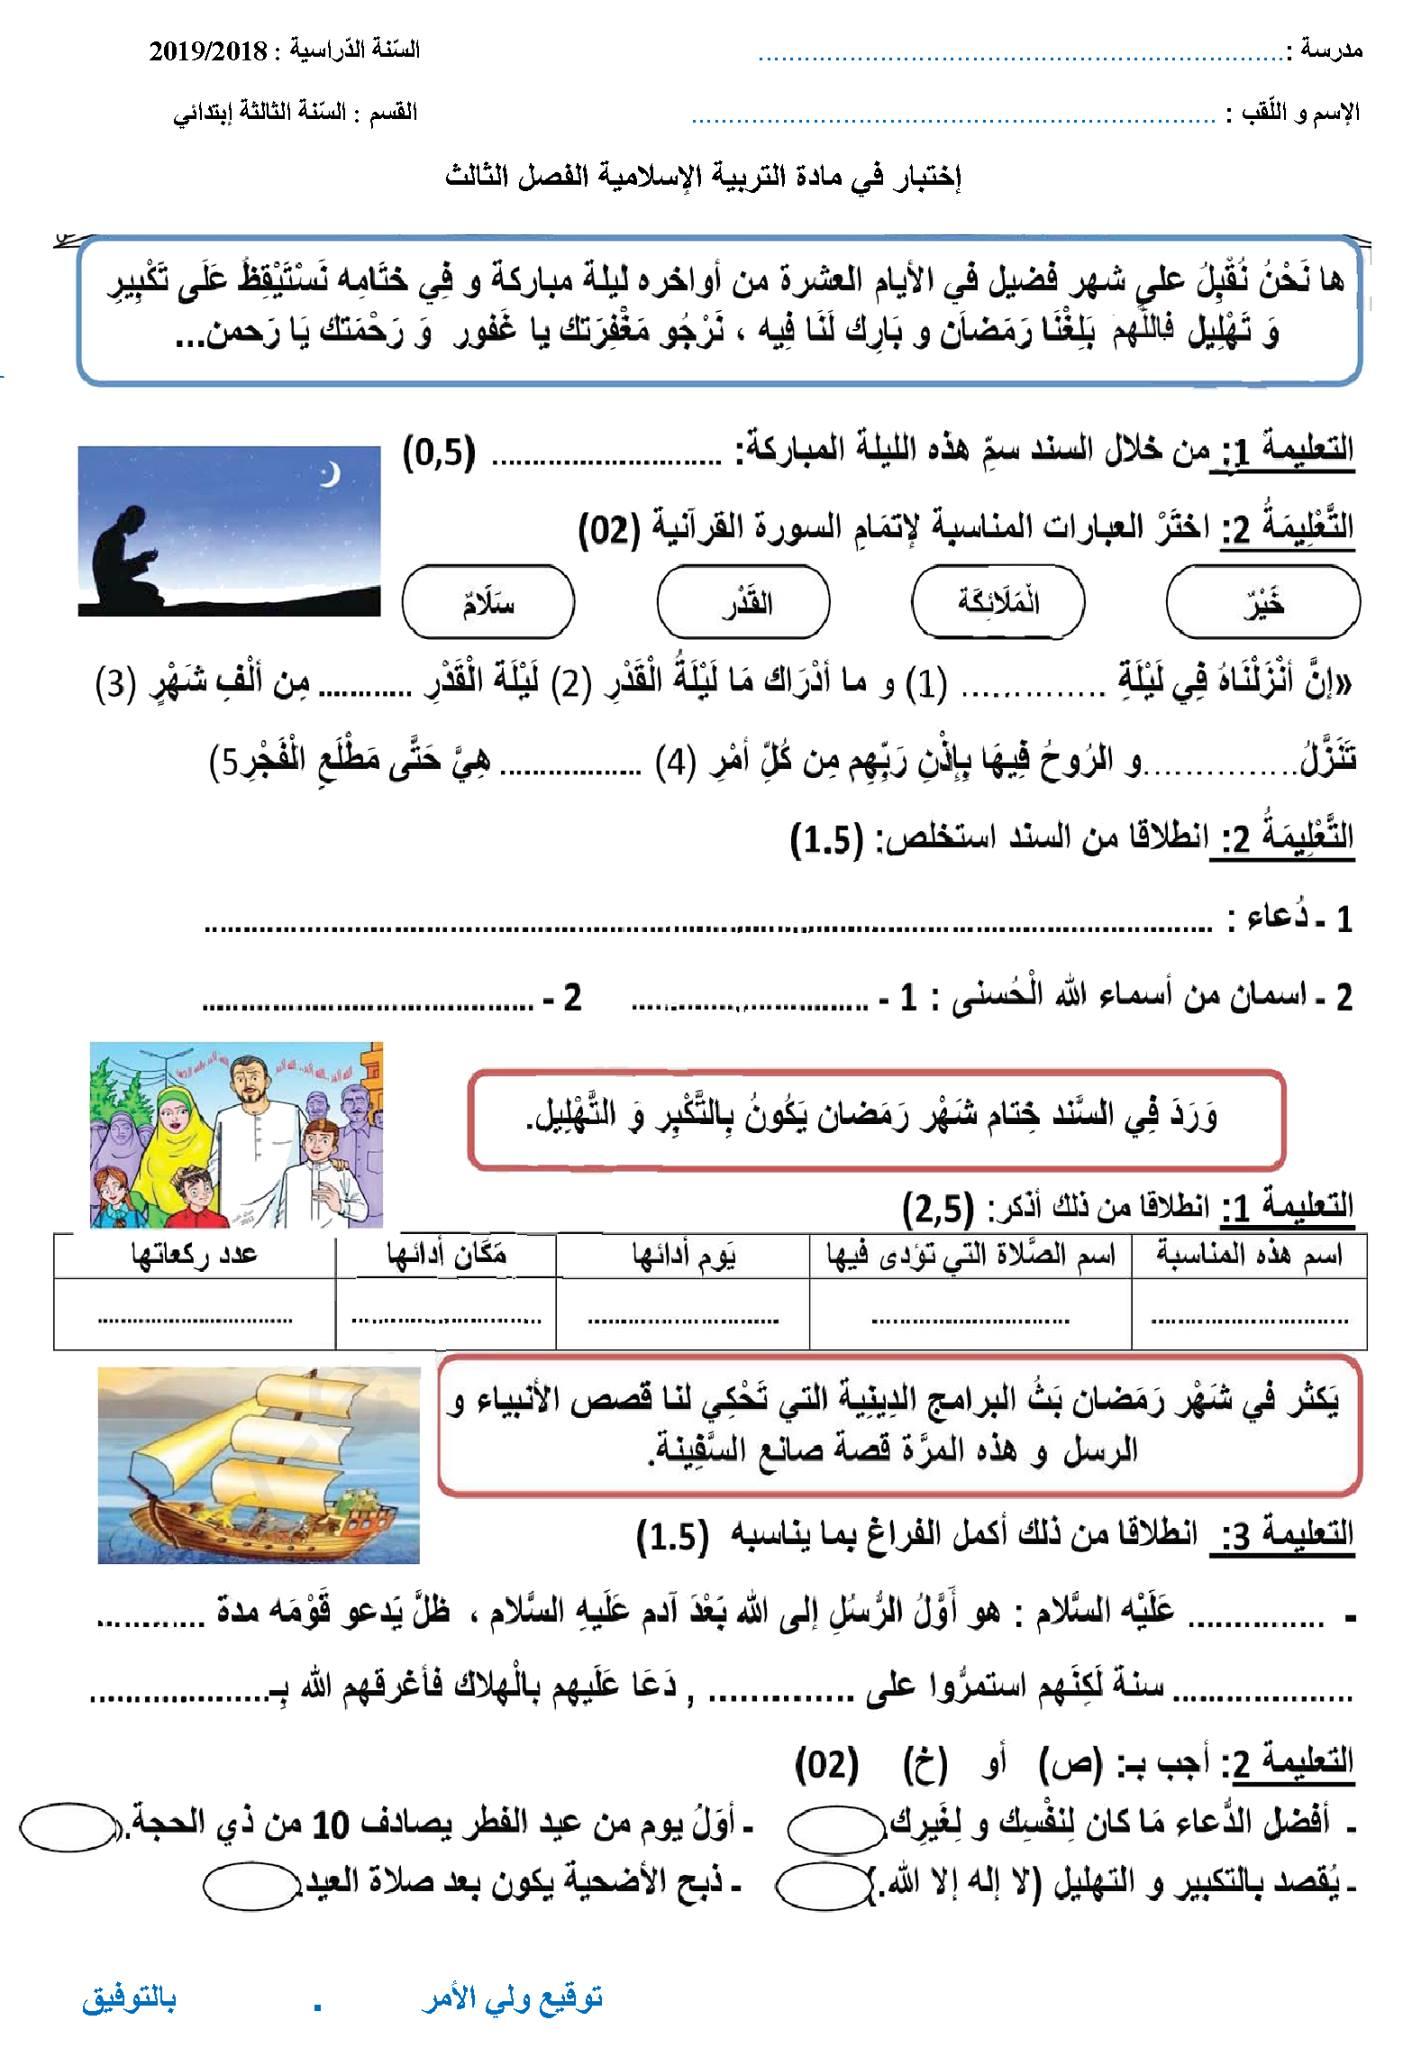 اختبار الفصل الثالث في التربية الاسلامية | السنة الثالثة ابتدائي | الموضوع 01